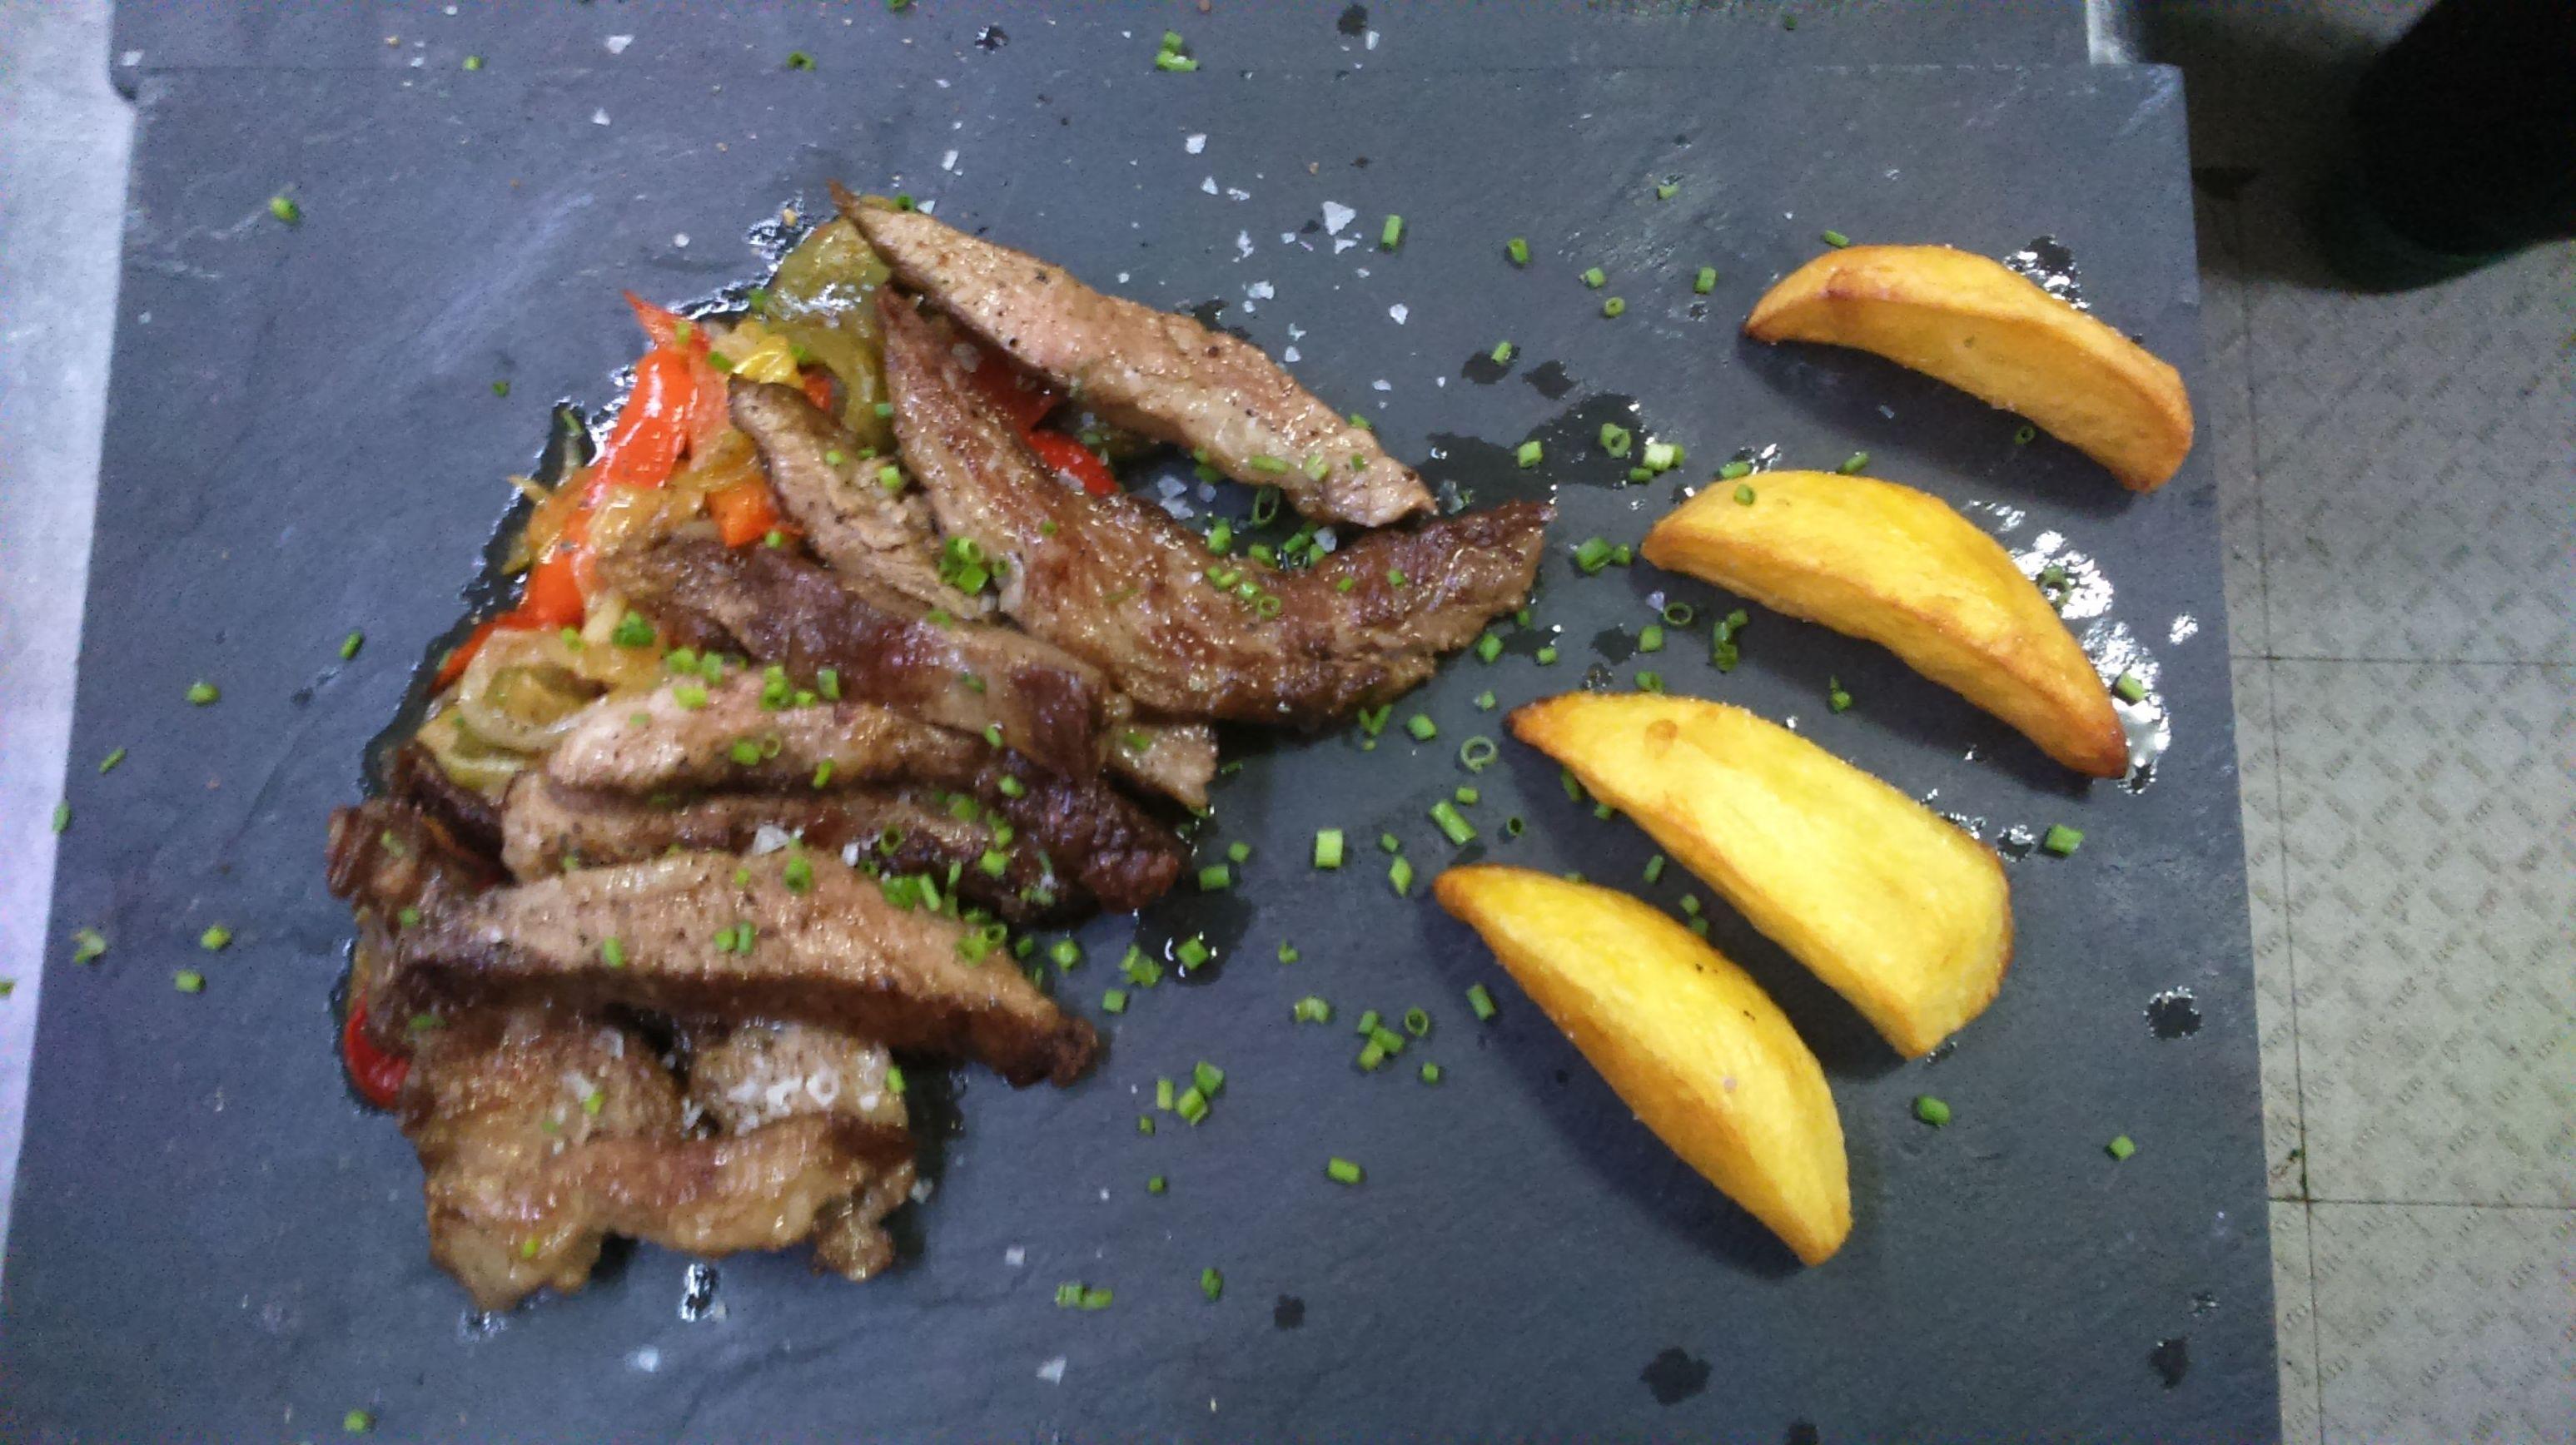 Secreto de cerdo ibérico a la parrilla Restaurante gallego A Cañiza Villaverde